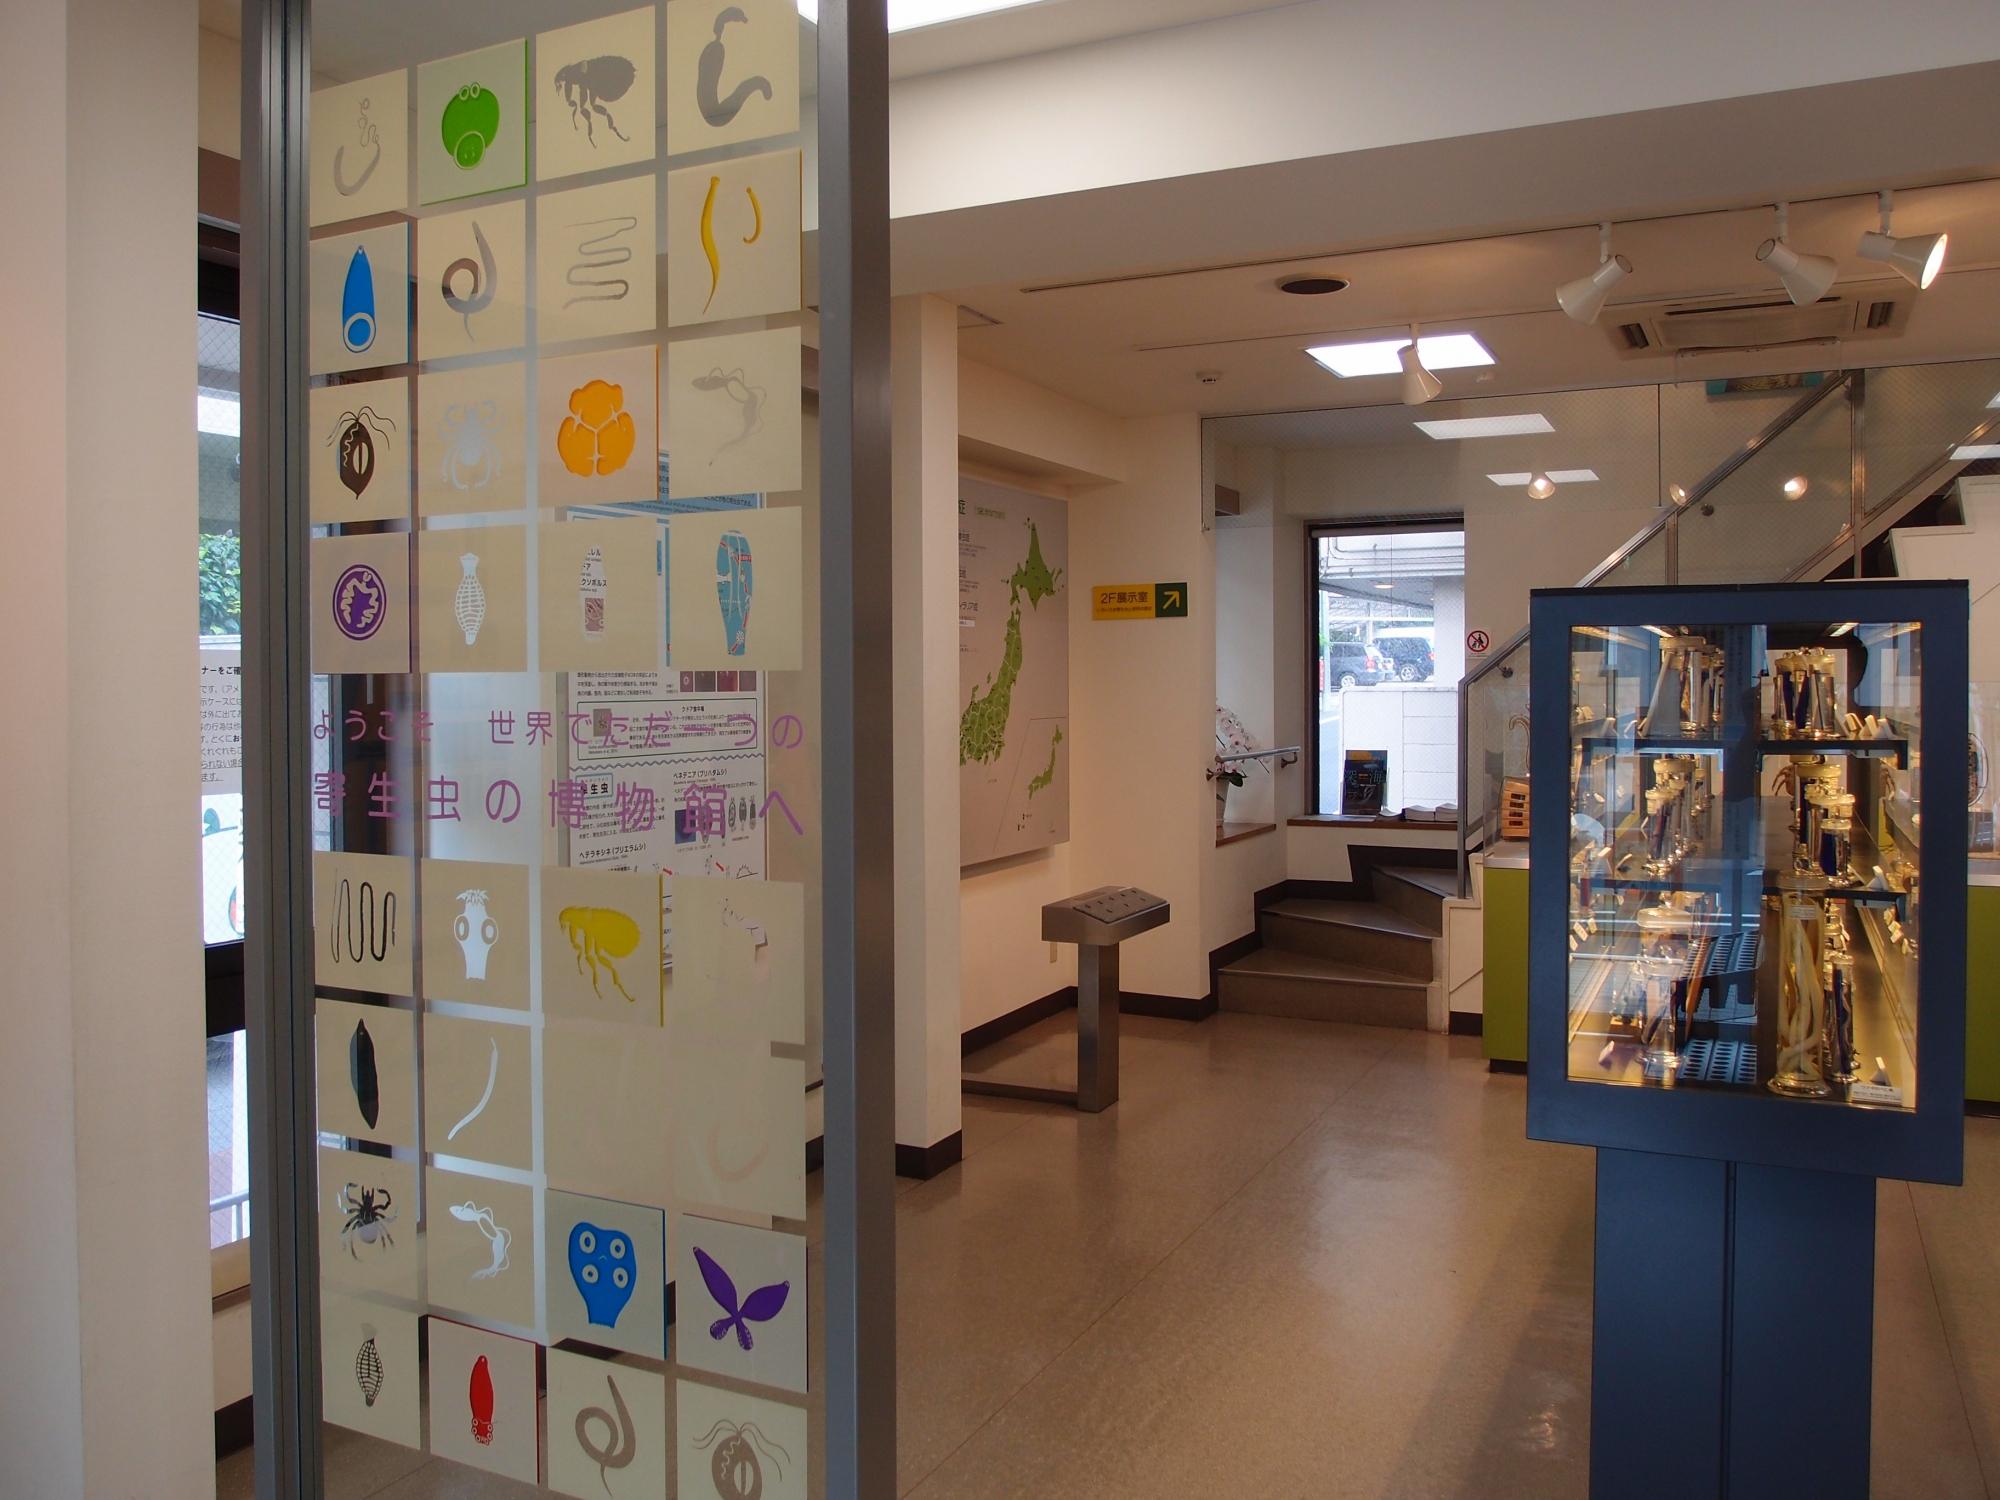 Музей паразитов в Токио музейпаразитов, музейпаразитологии, паразитология, токио, токиомузеи